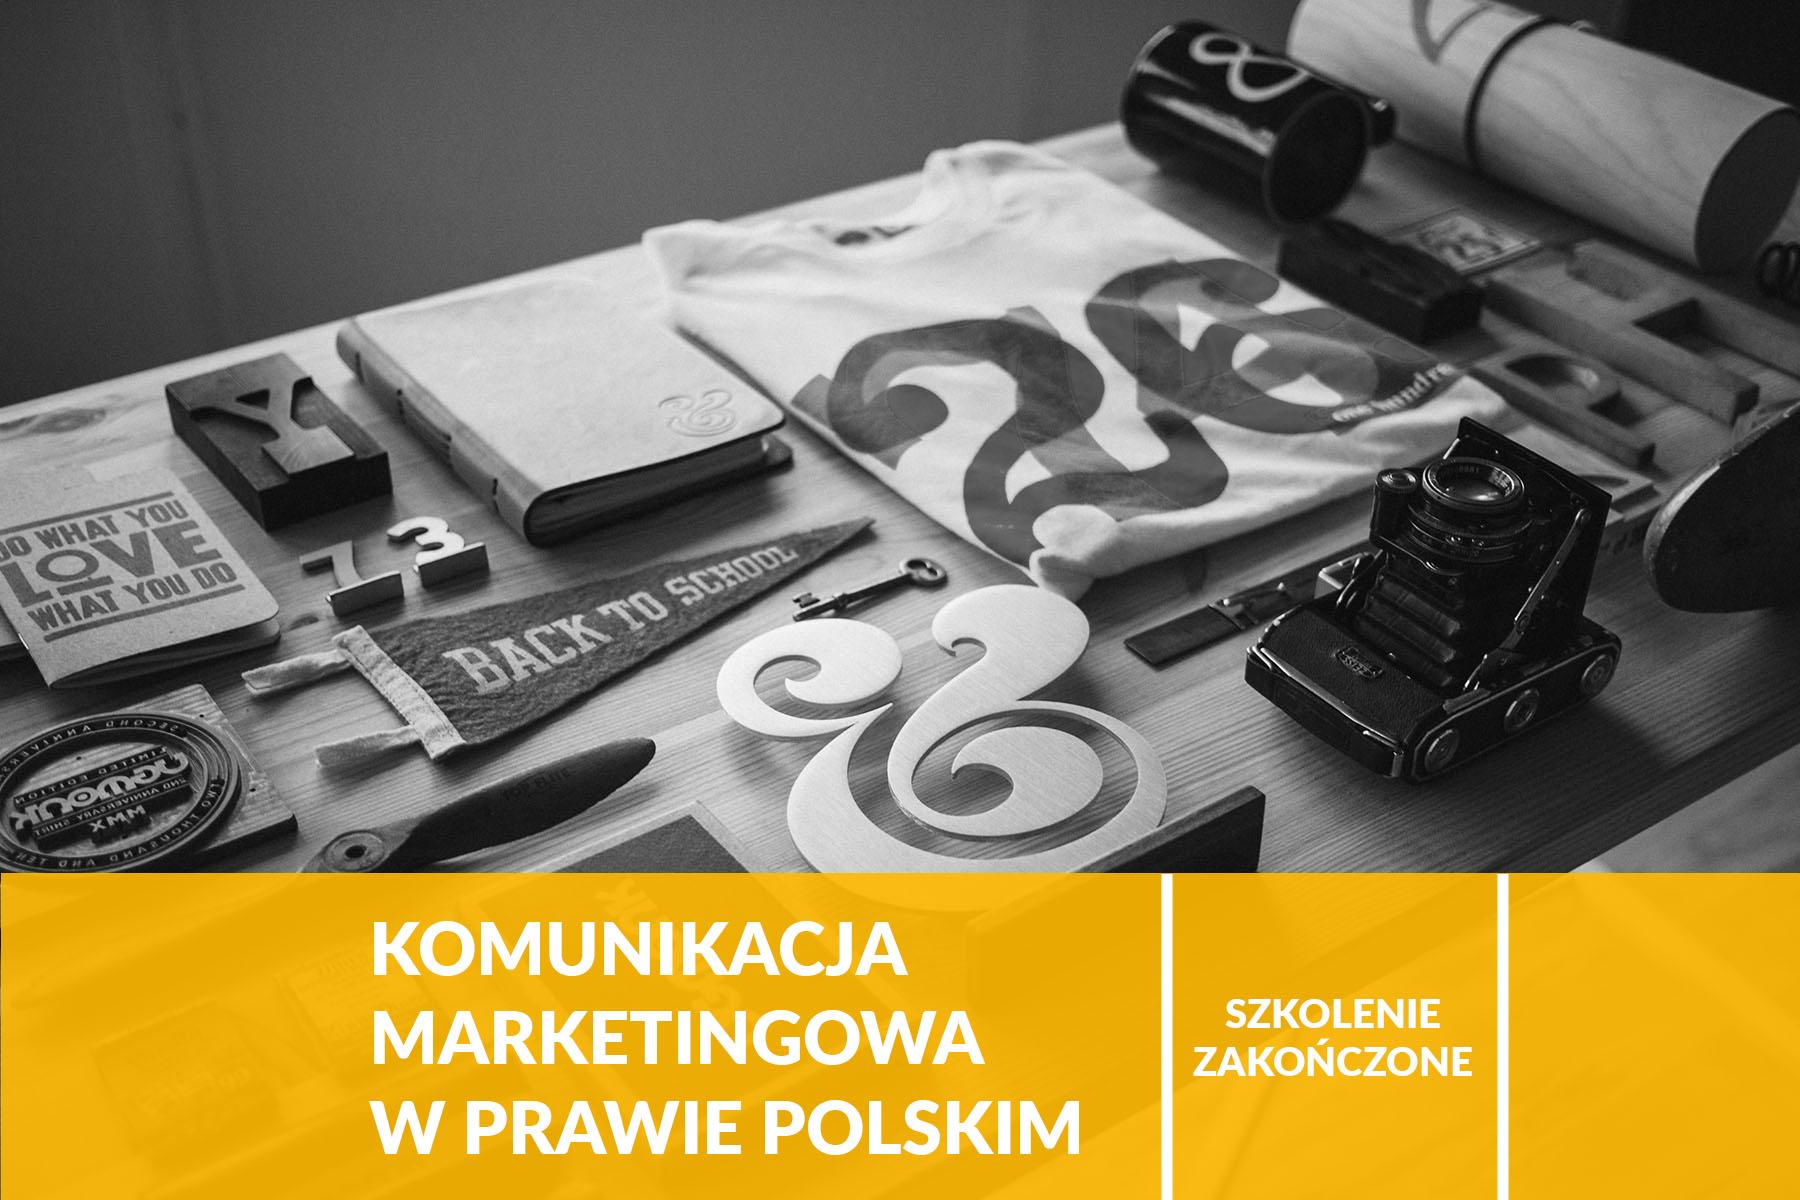 Komunikacja marketingowa w prawie polskim